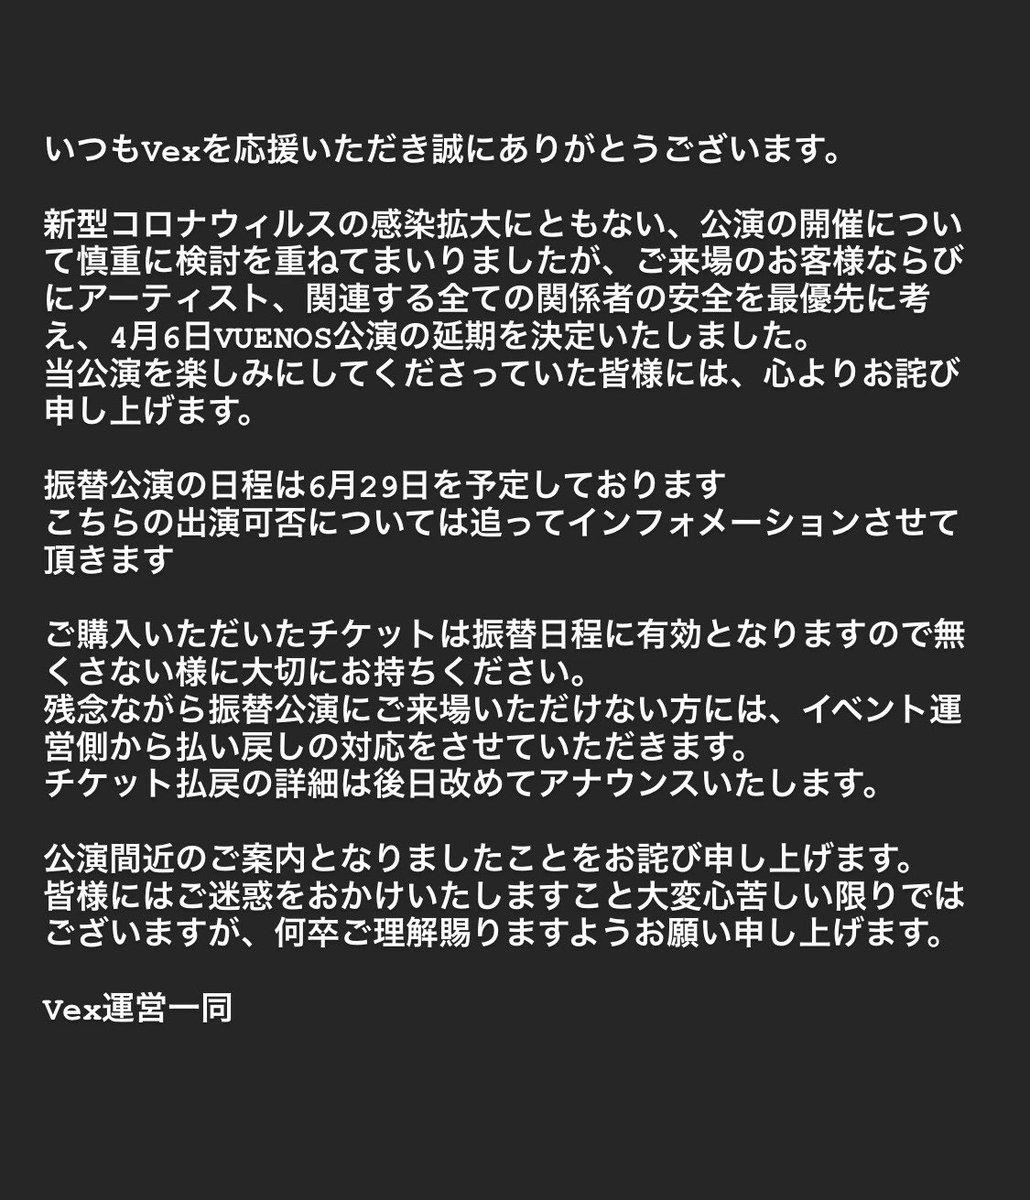 4月6日VUENOS公演の延期のお知らせ